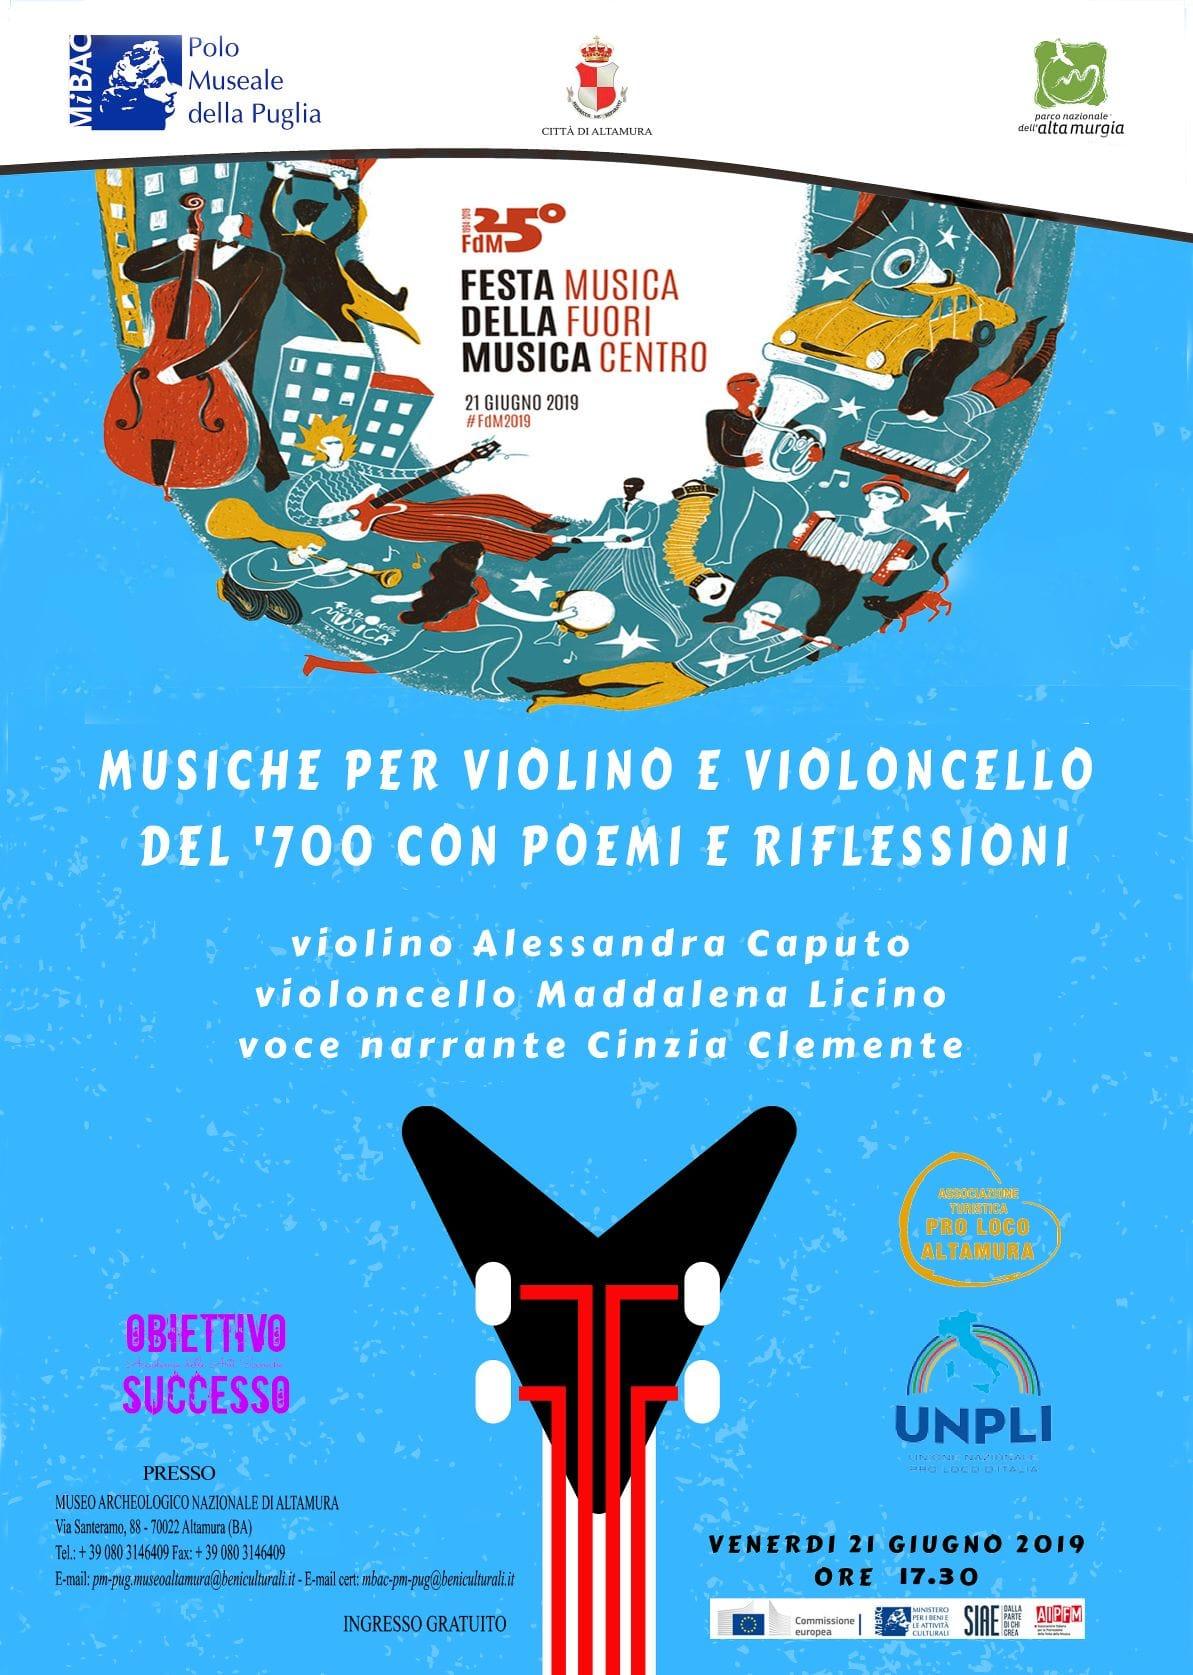 MUSEO ALTAMURA FESTA DELLA MUSICA 21 GIUGNO 2019_rid-2